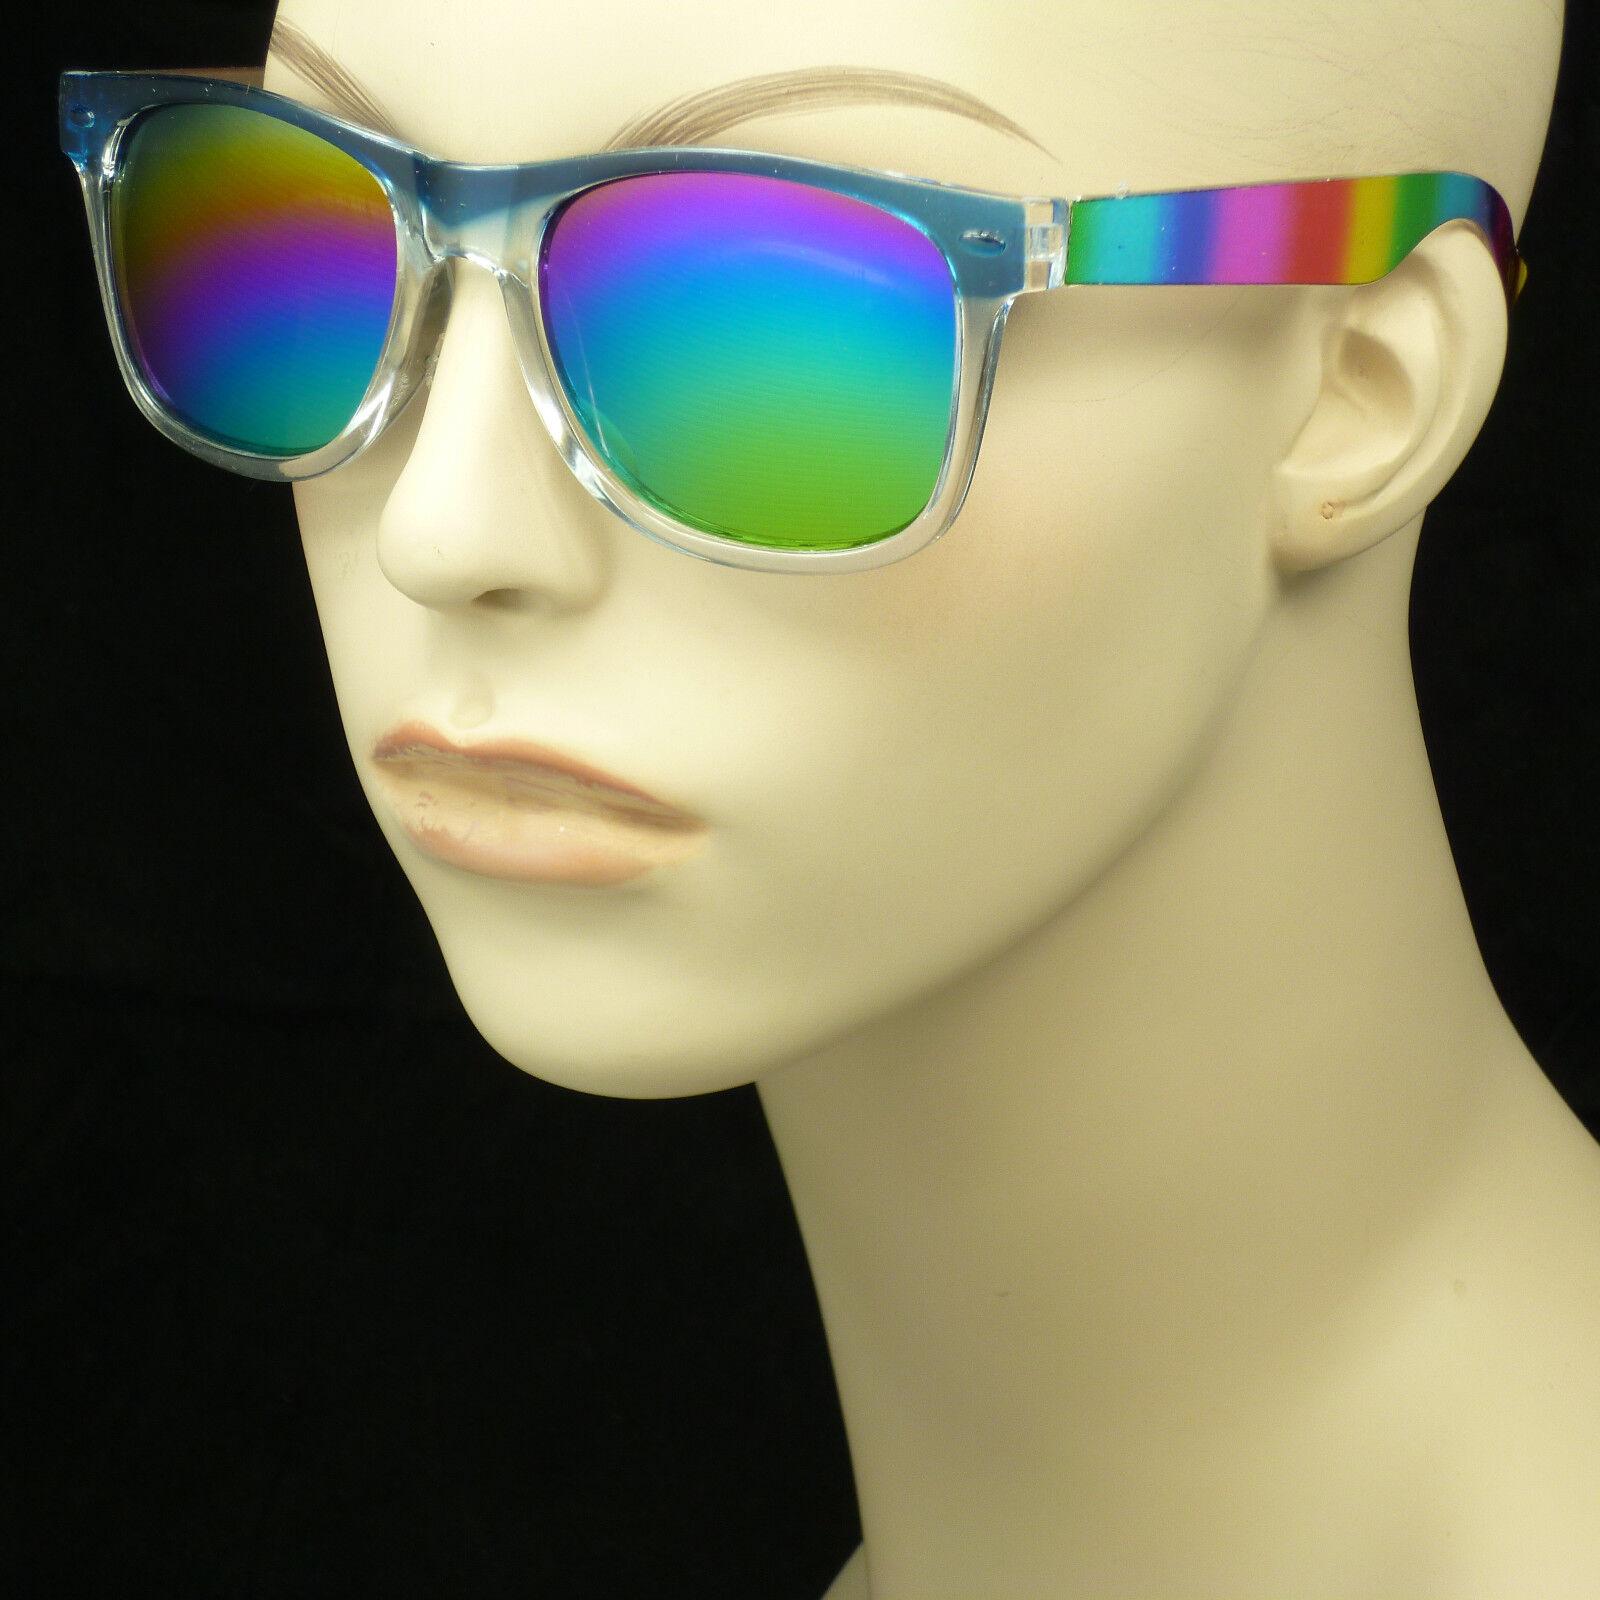 Rainbow frame lens shown